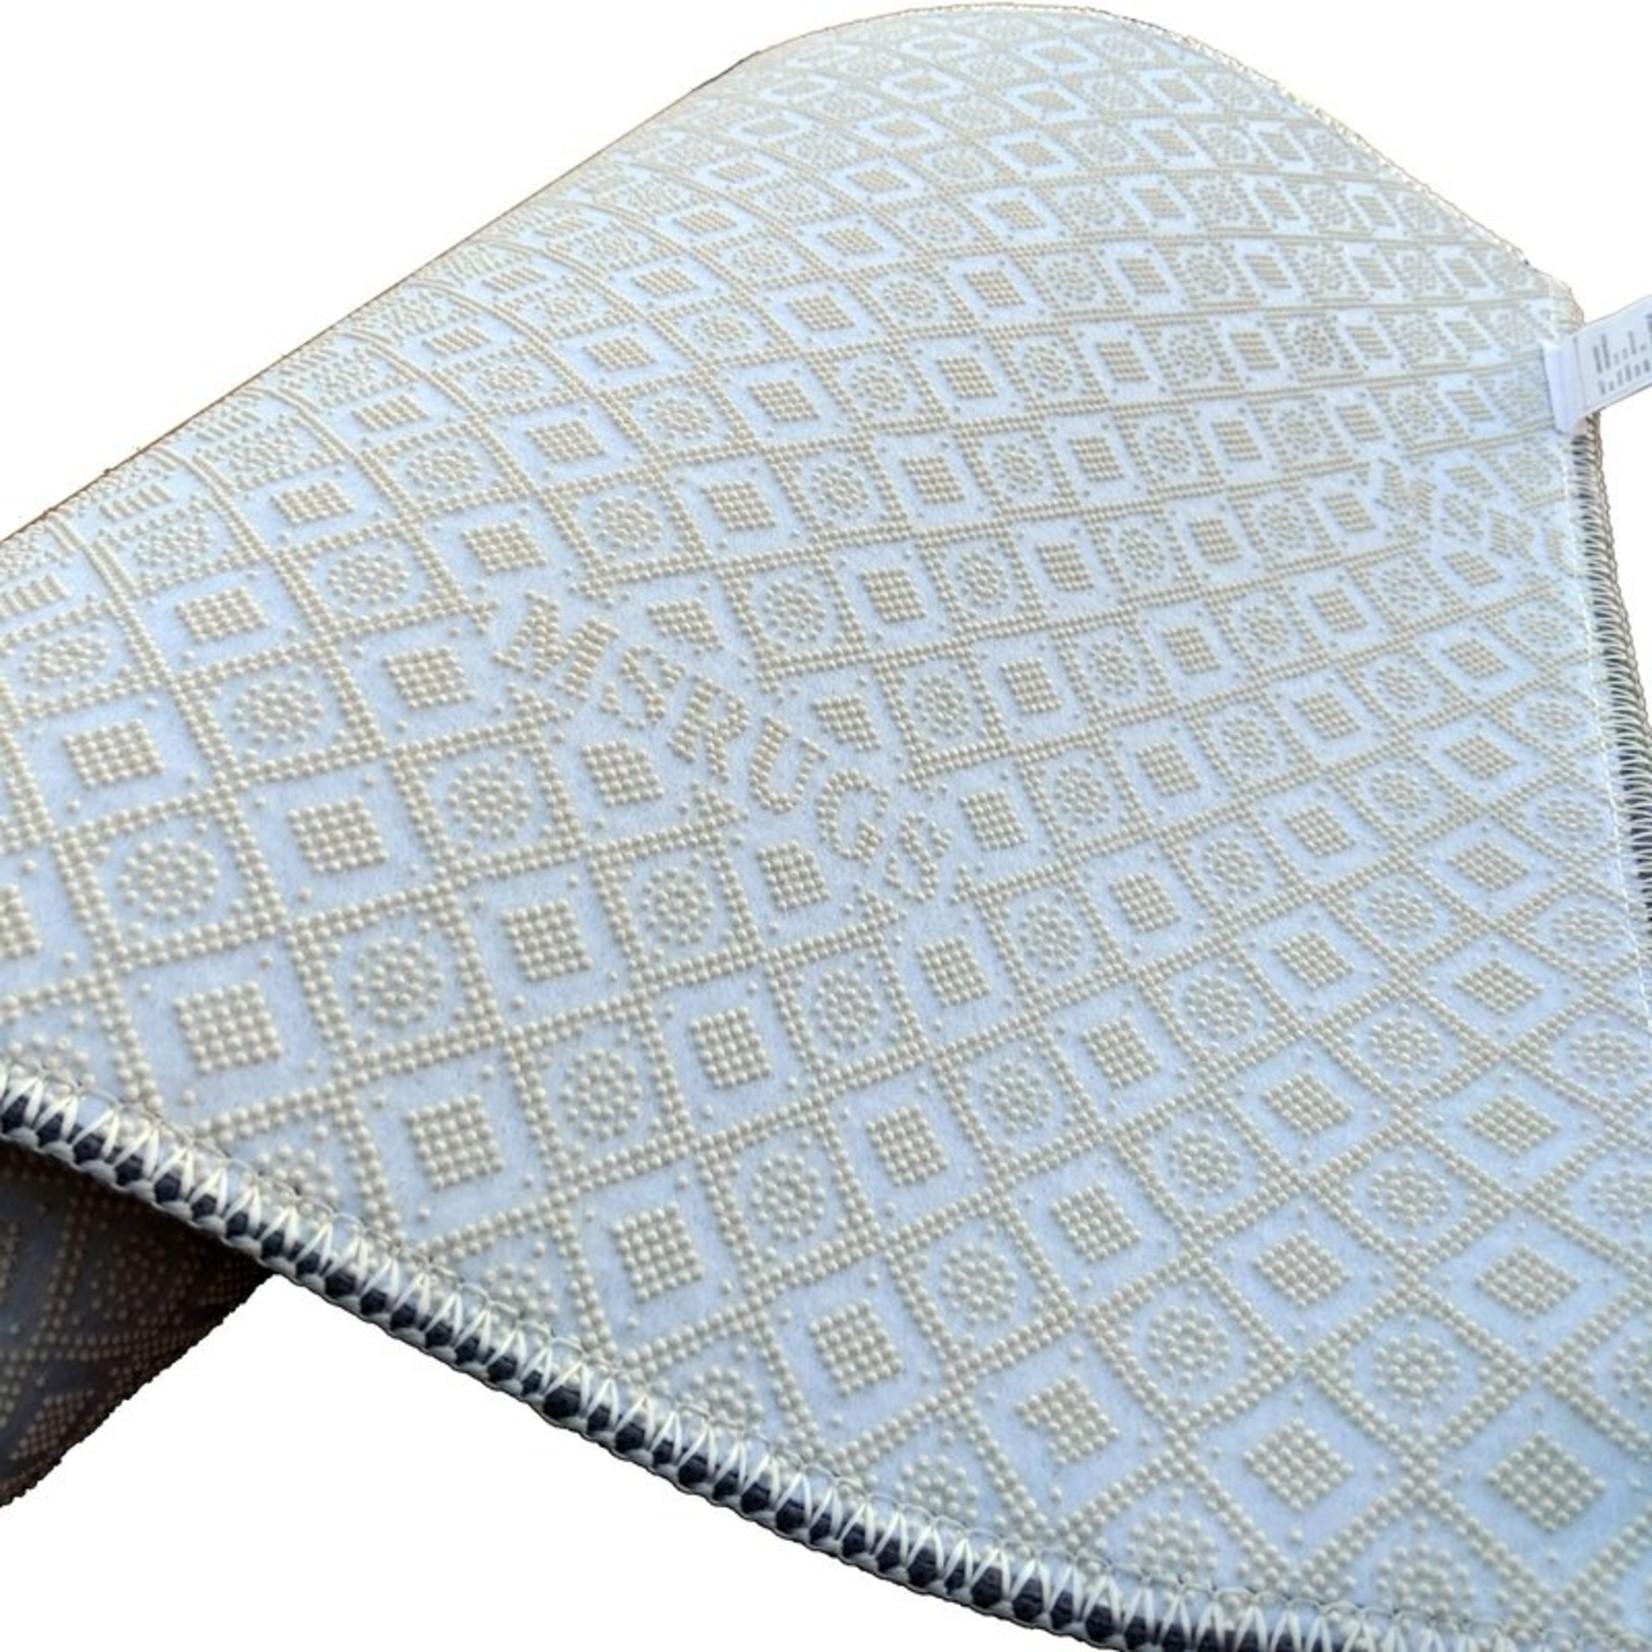 *2' x 4' - Winston Porter Absorbent Soft Non-Slip Kitchen Mat